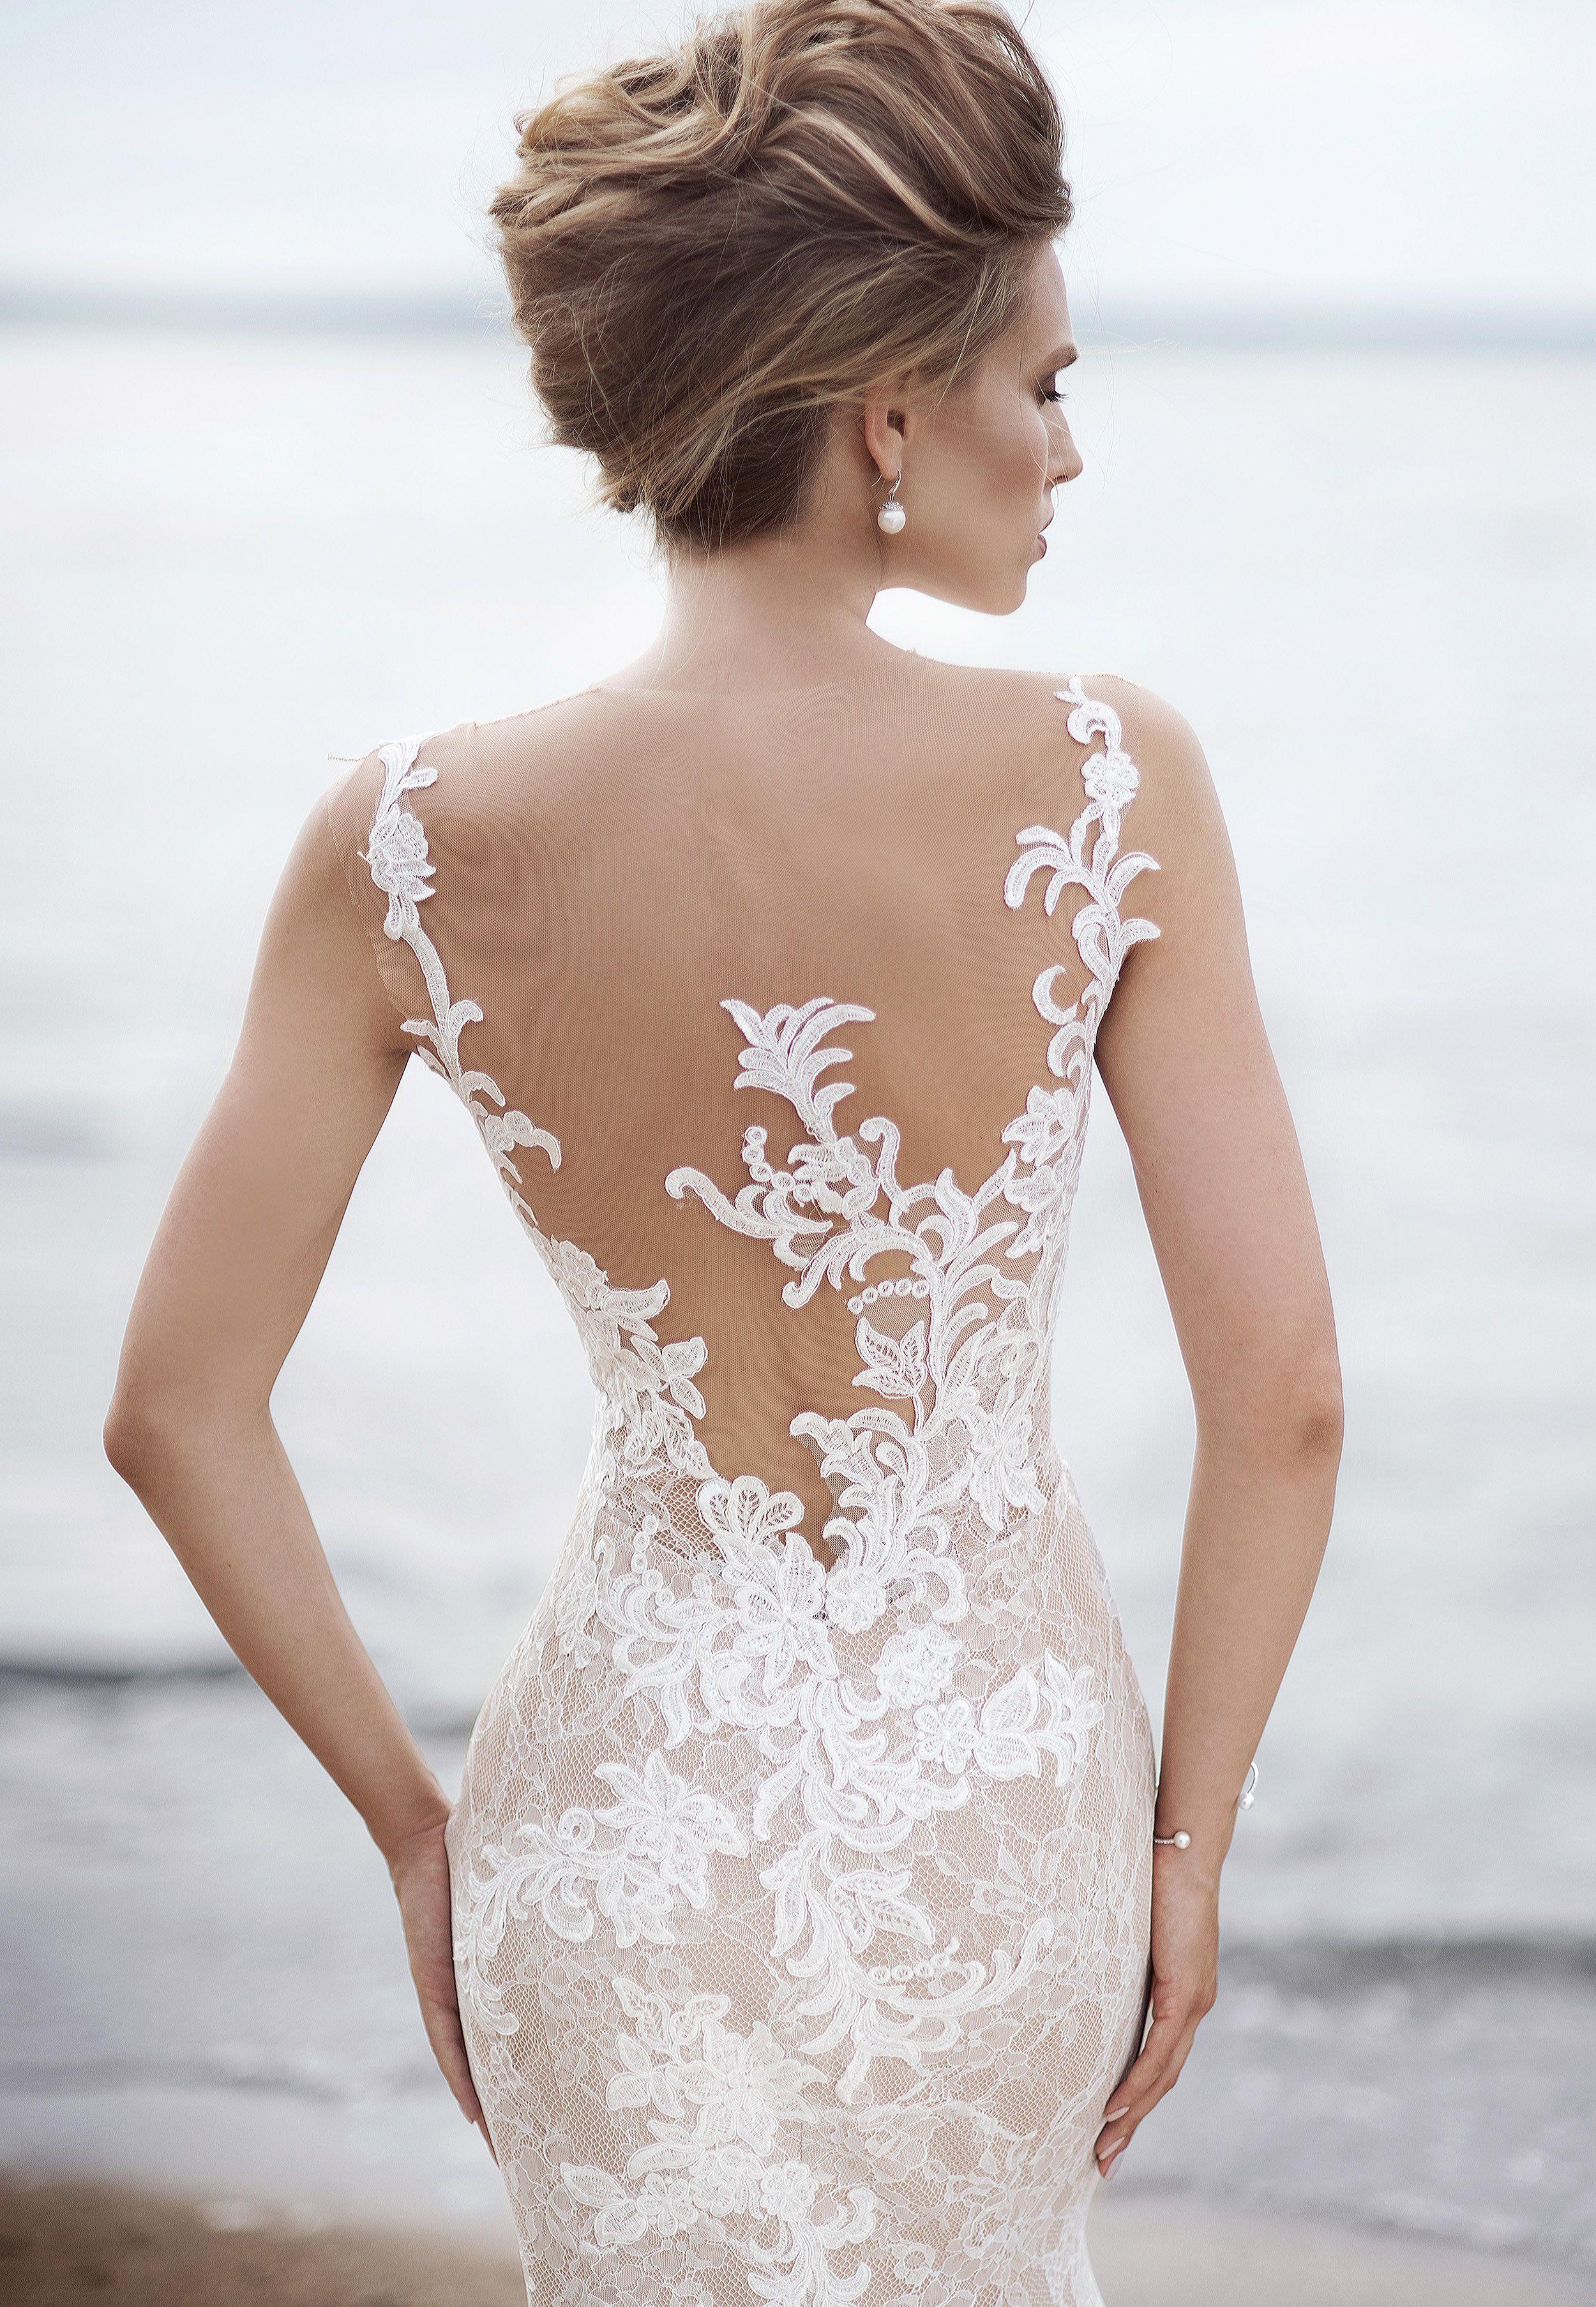 Magnifique élégante robe de mariée en dentelle